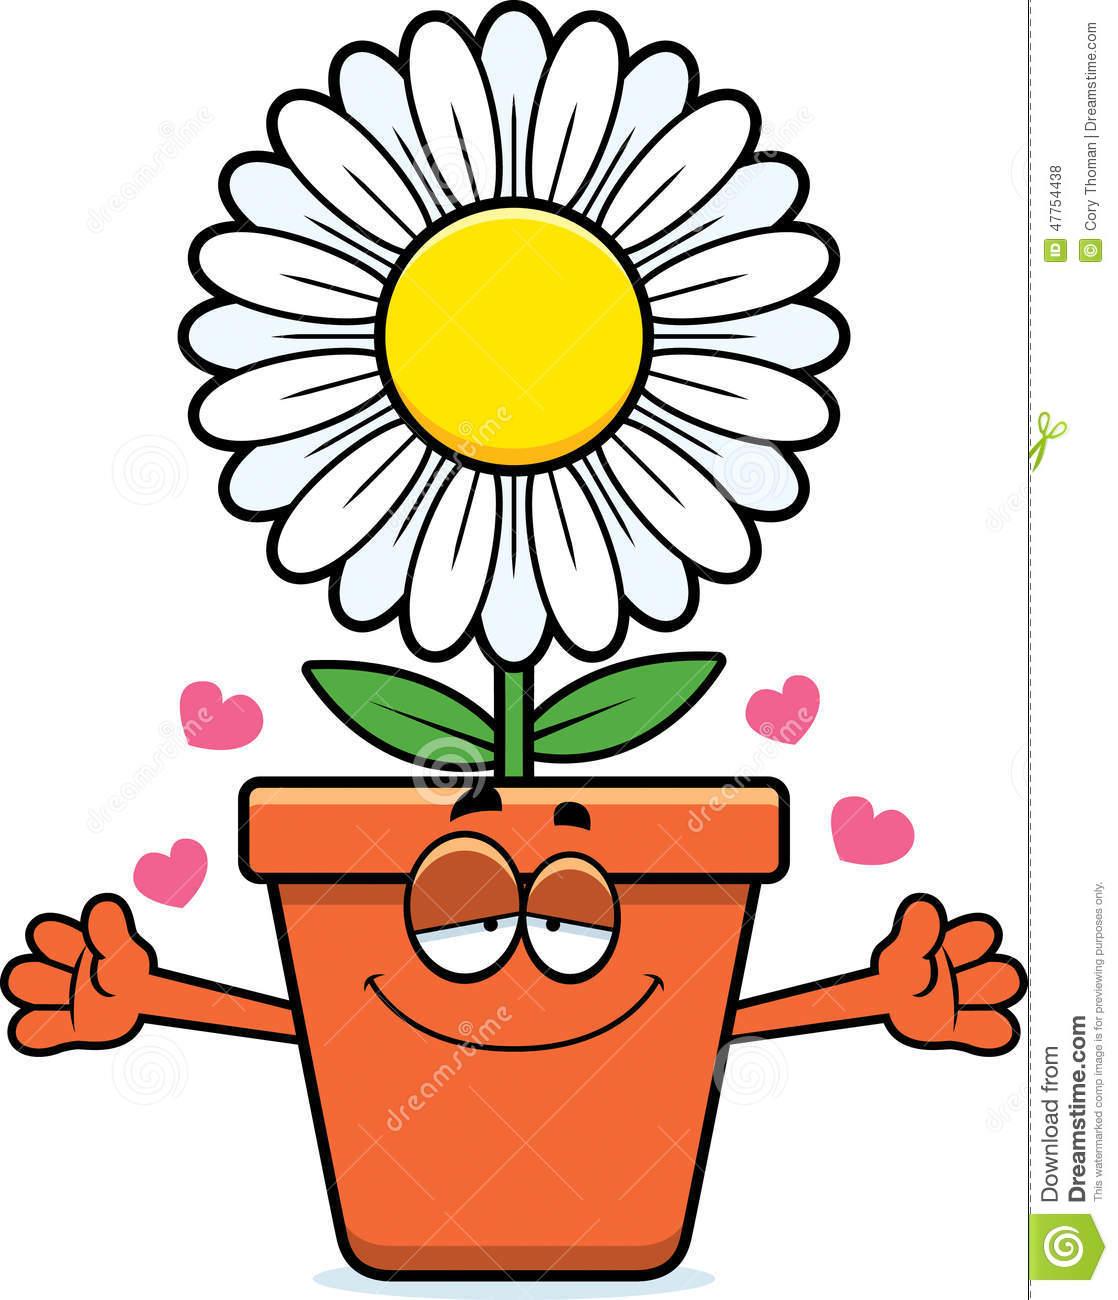 Abraço Do Vaso De Flores Dos Desenhos Animados Ilustração Do Vetor